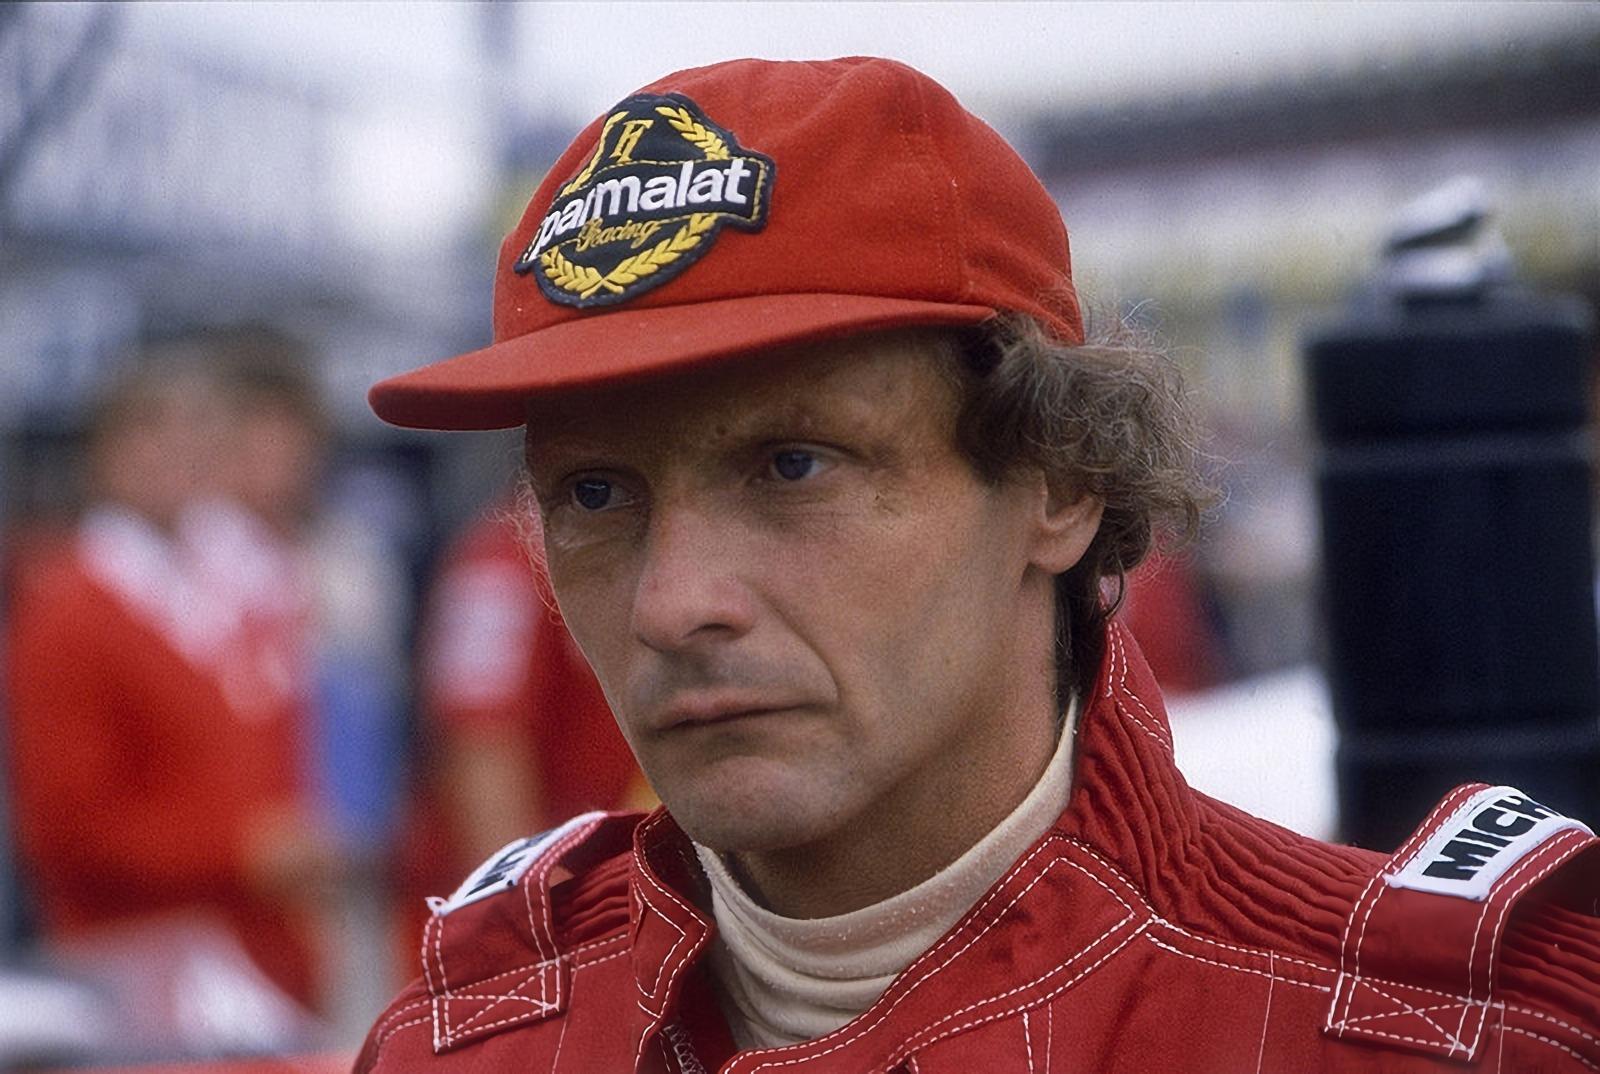 #17 Hall of Fame: Niki Lauda